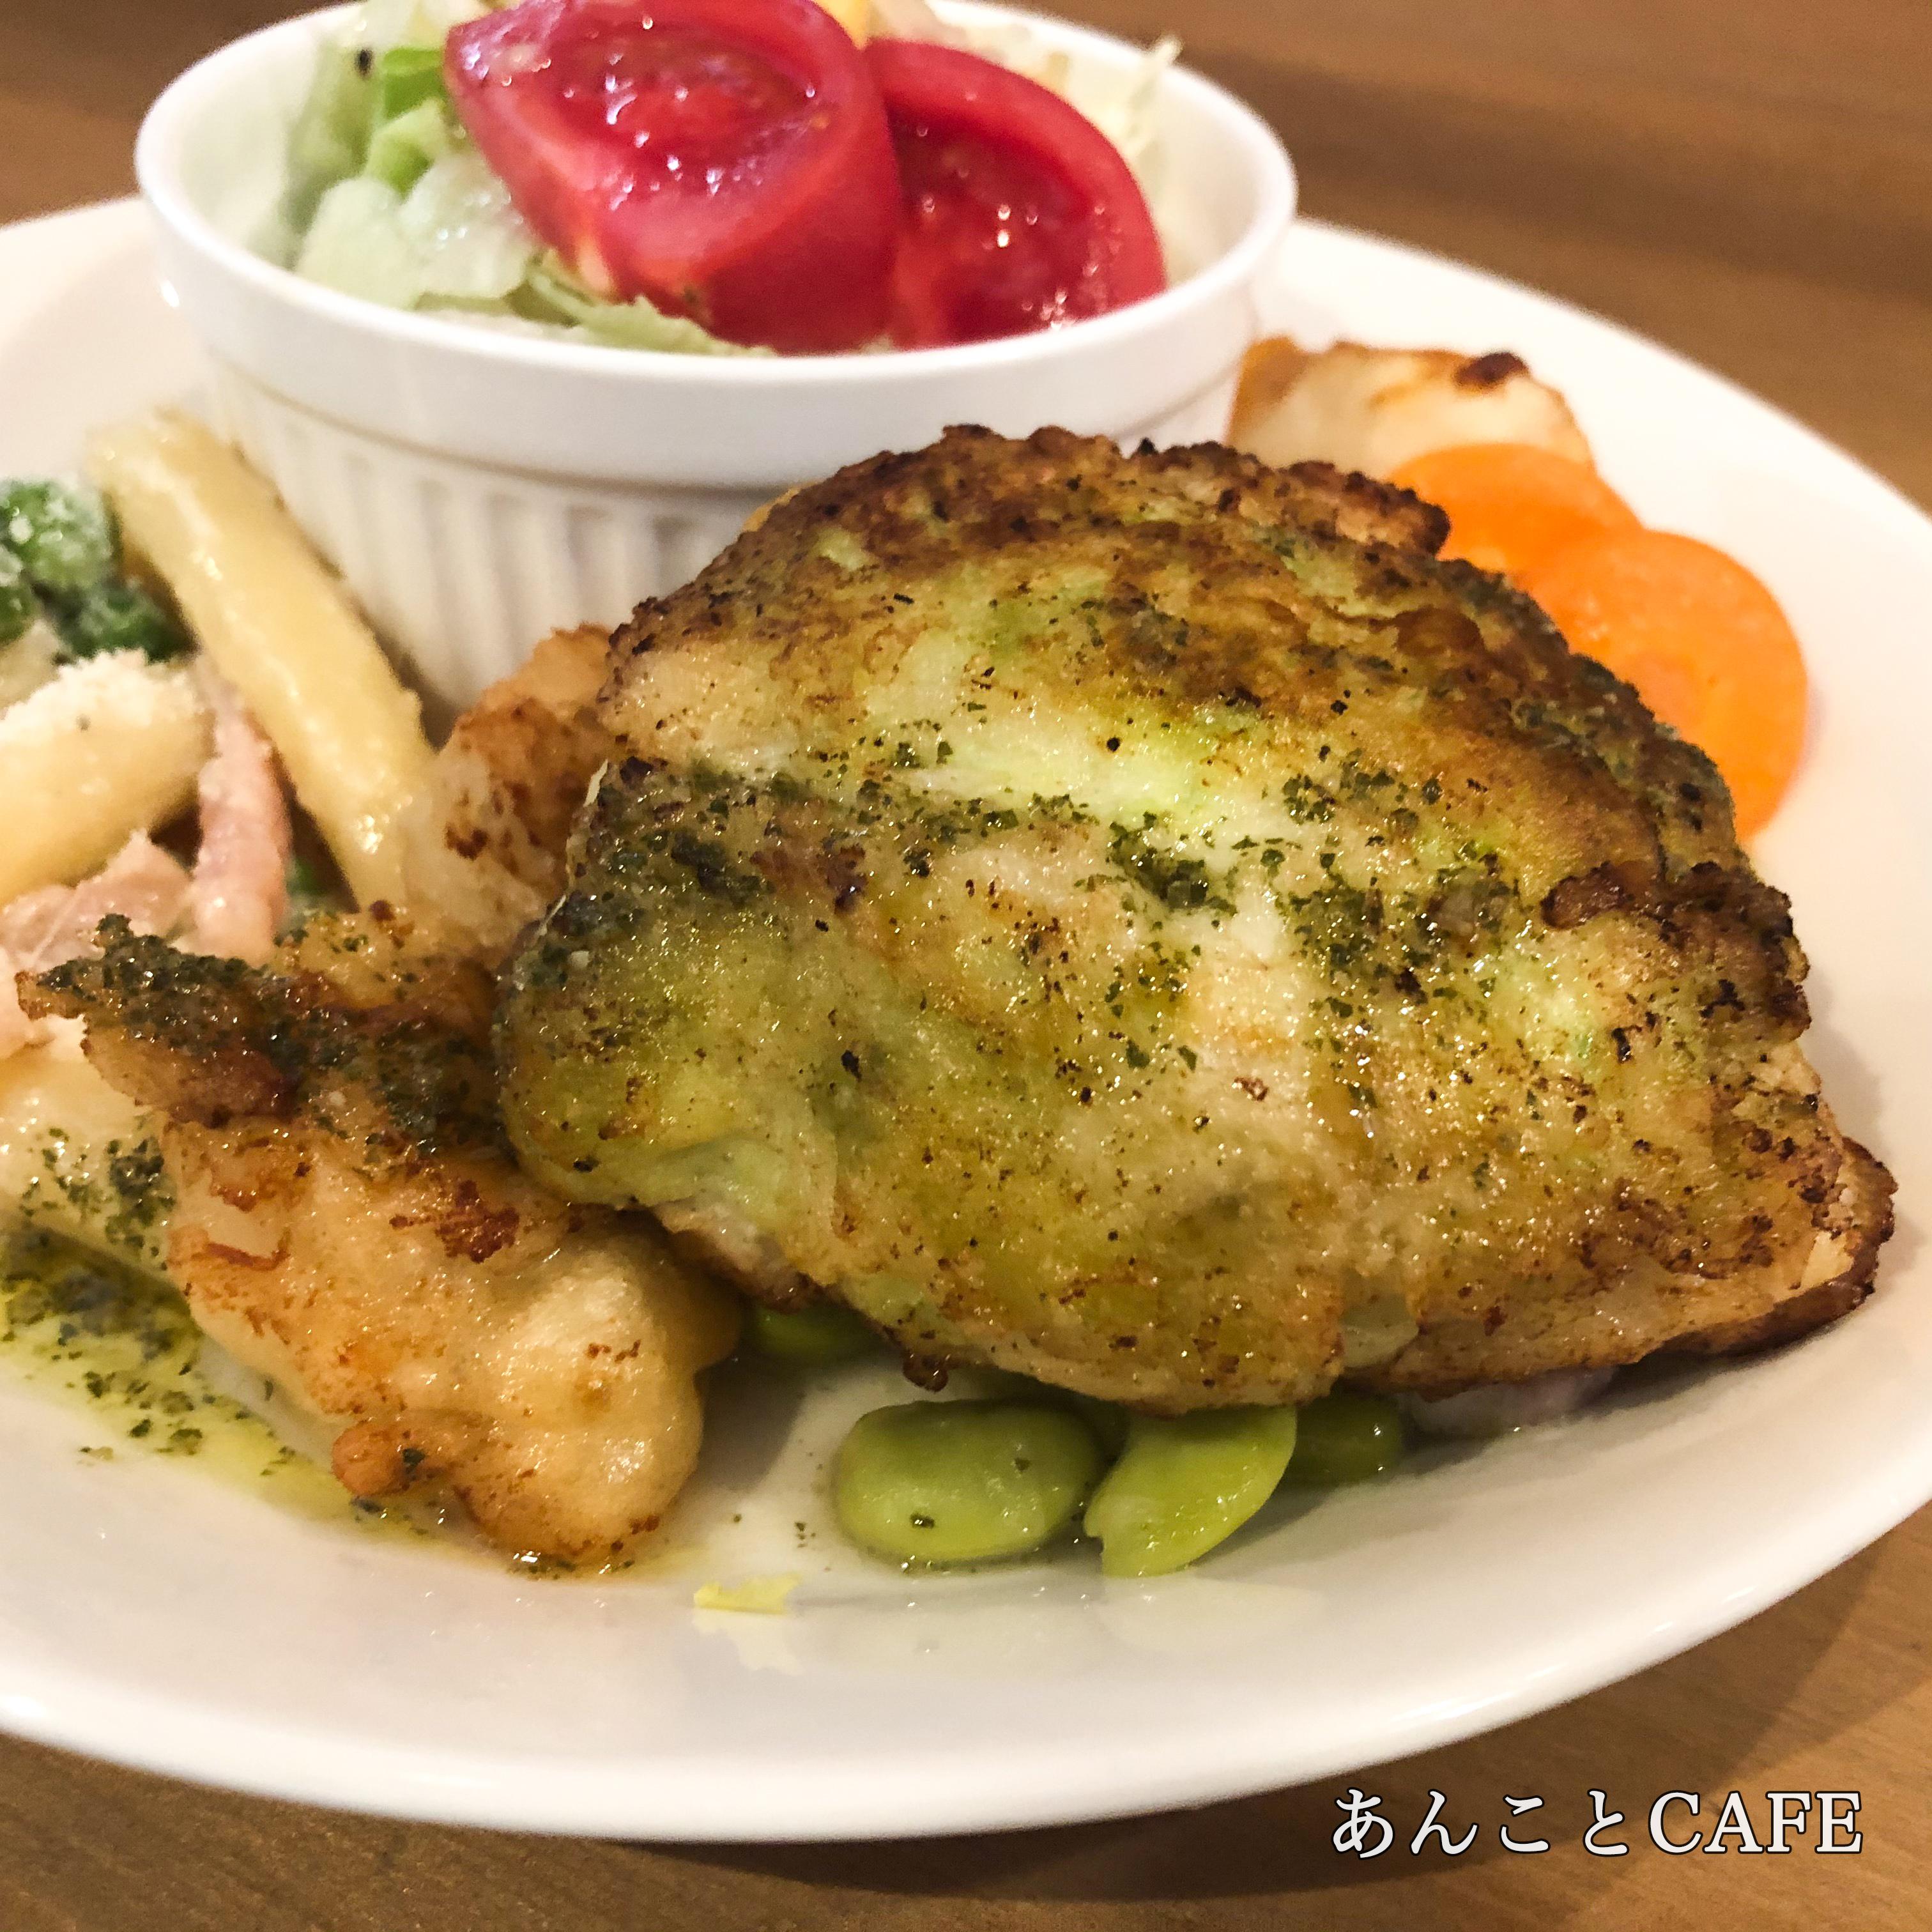 真鯛のパン粉焼き(本日のお魚料理)